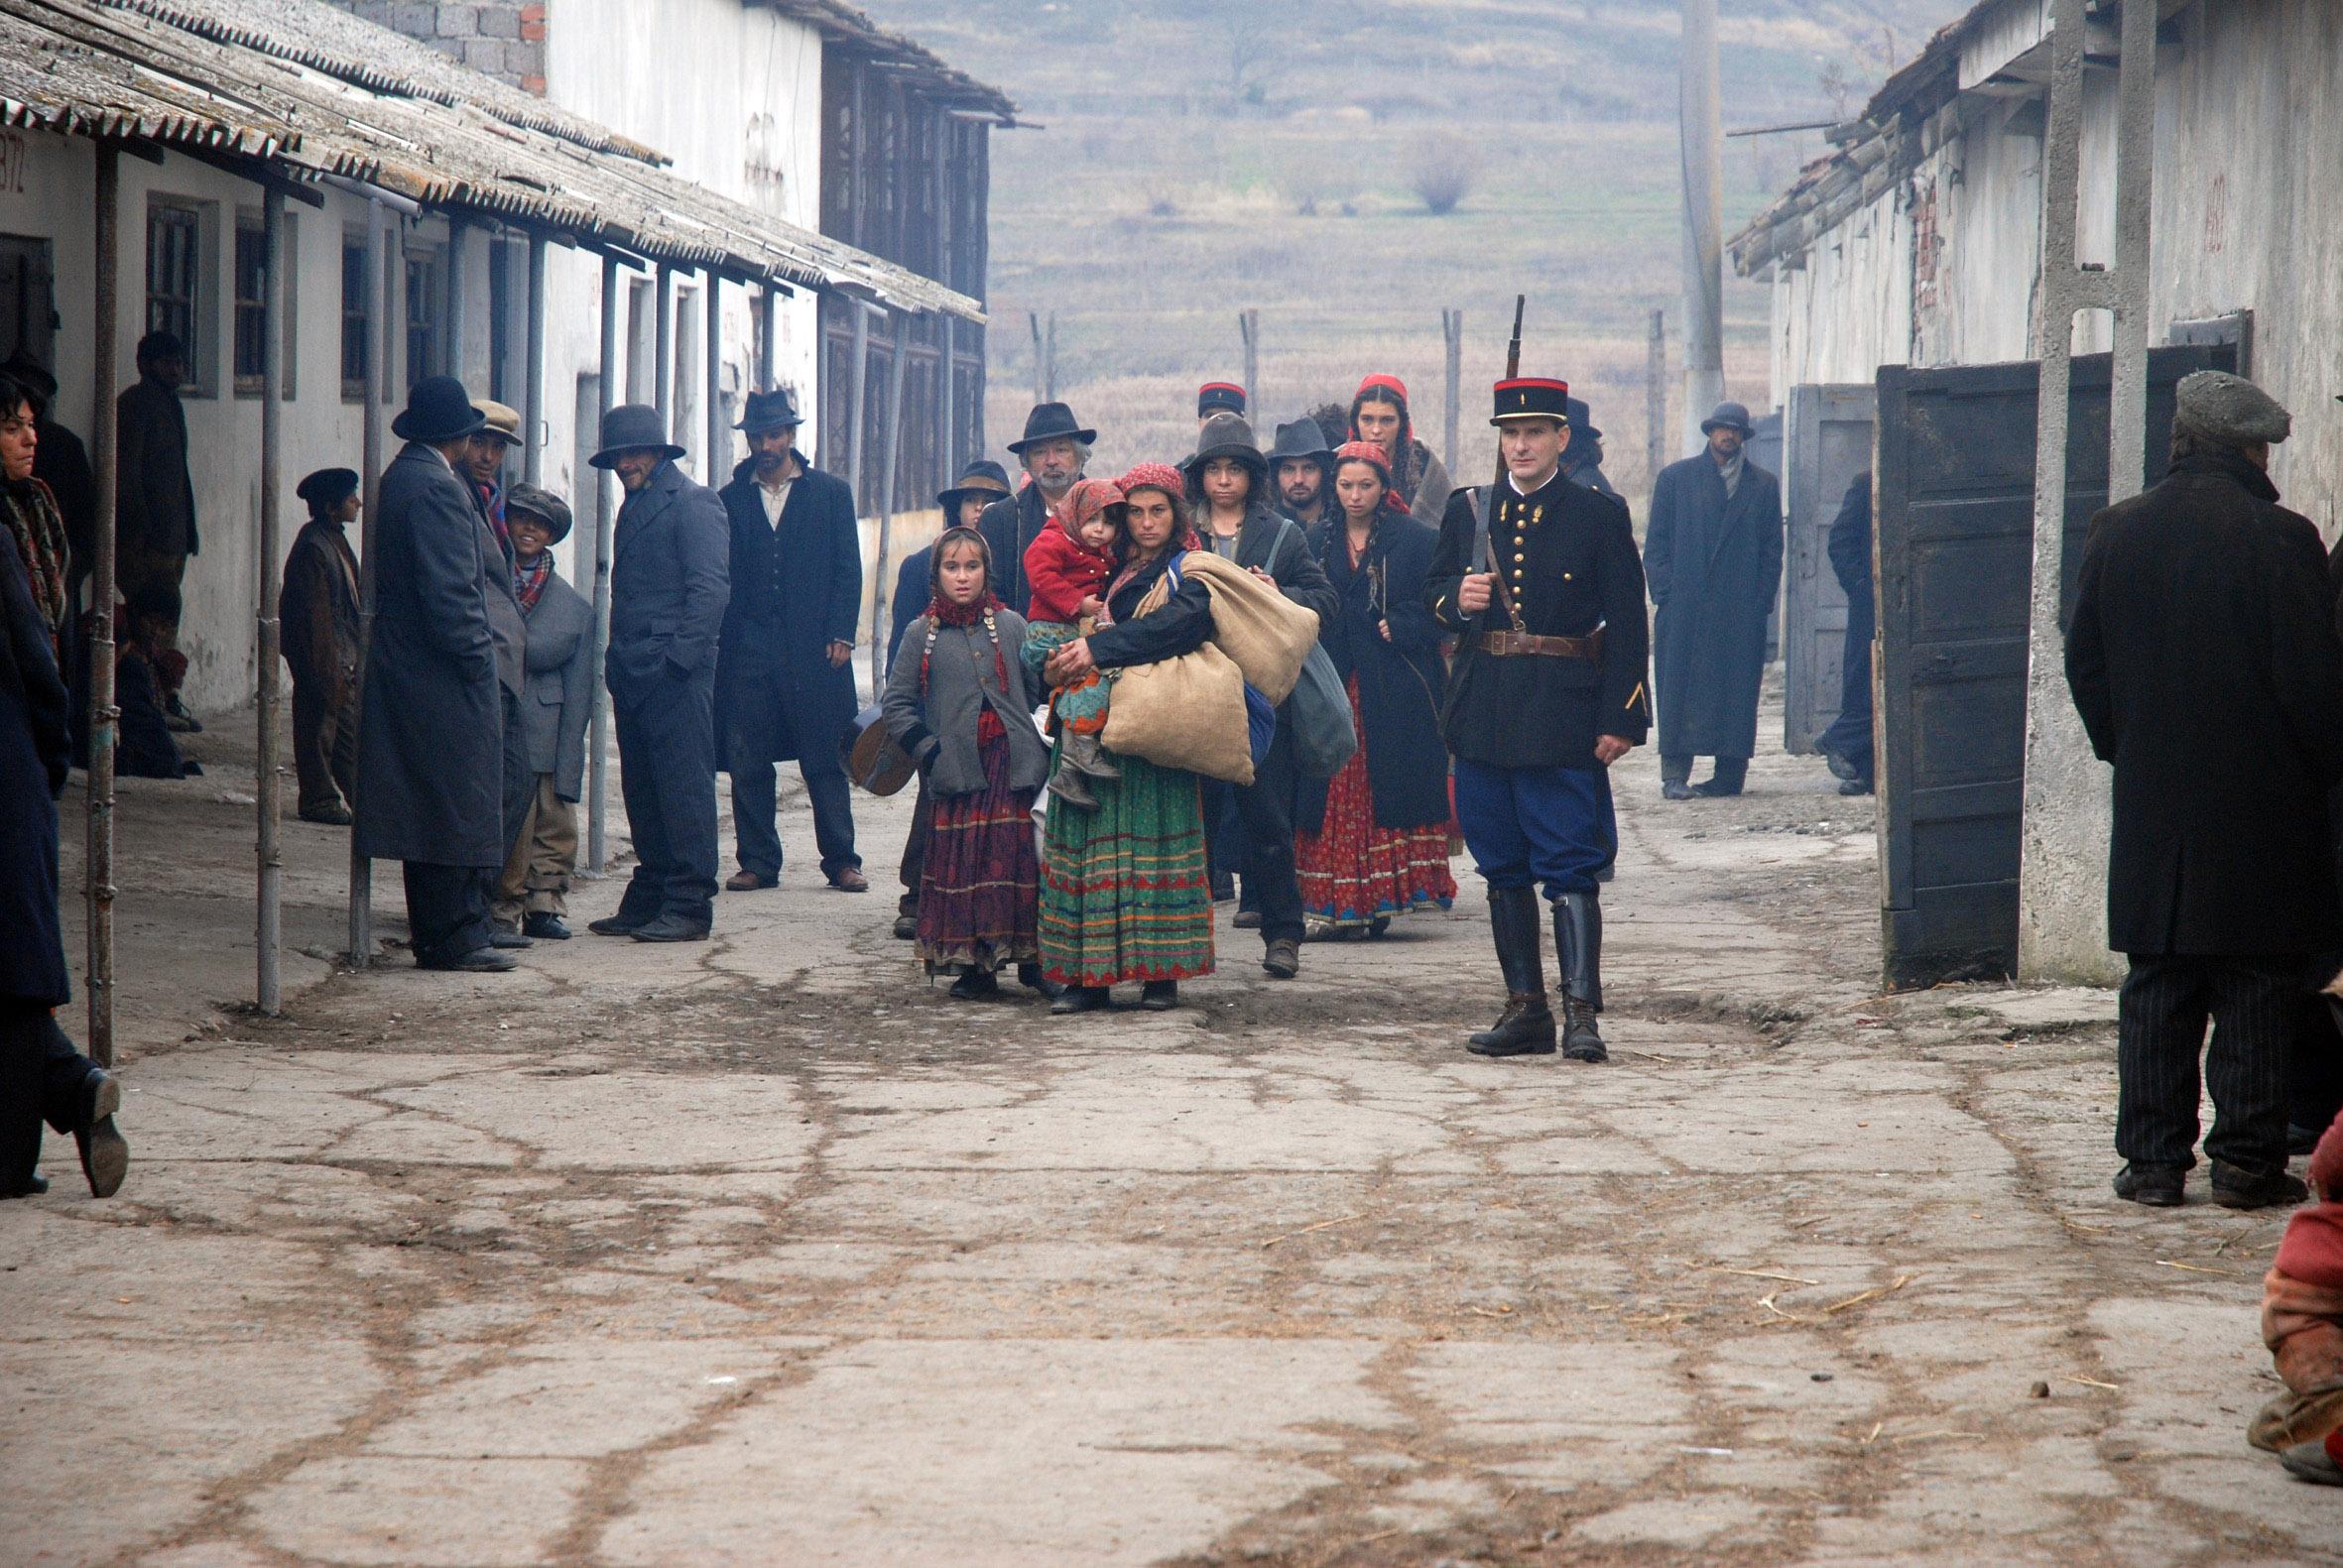 Cena em que os roma chegam ao centro comercial do vilarejo (Foto: Reprodução)